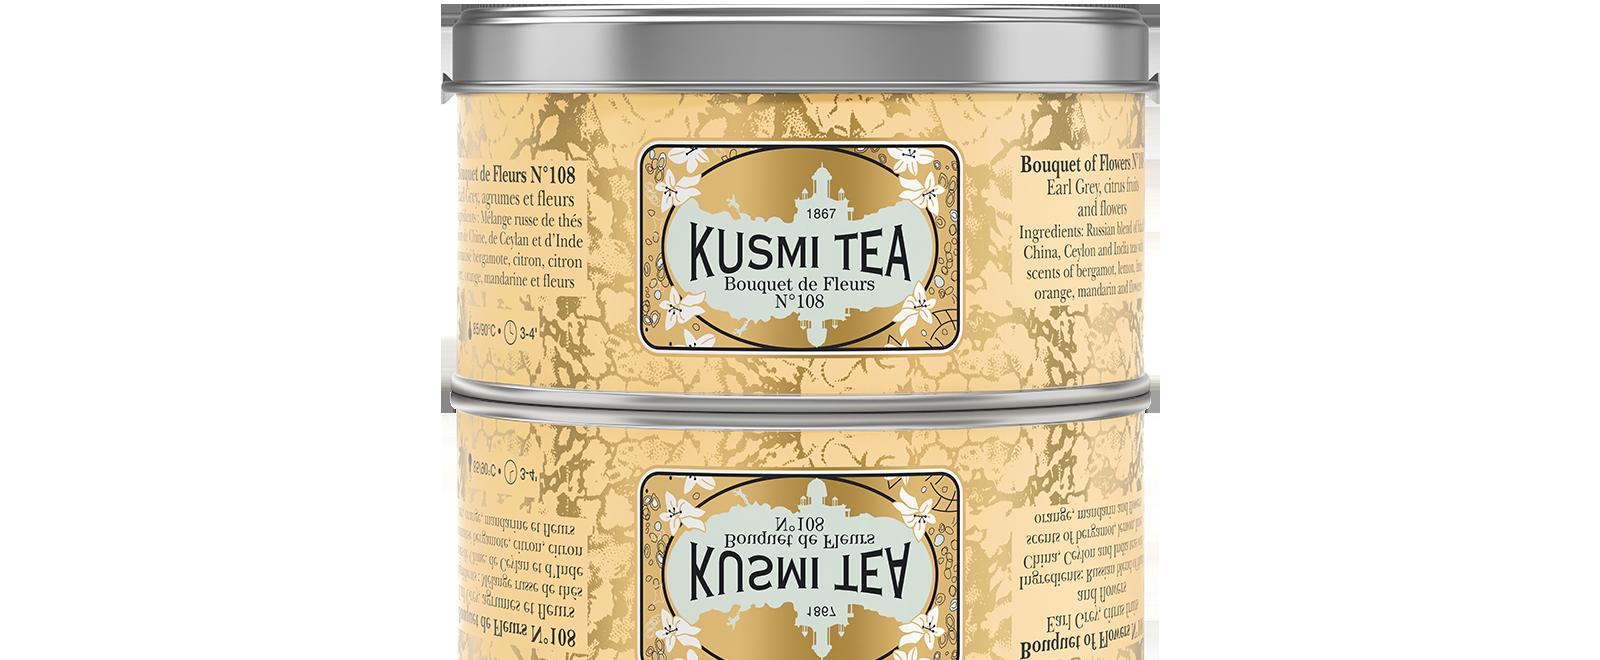 Earl Grey - Bouquet de Fleurs N°108 - Kusmi Tea